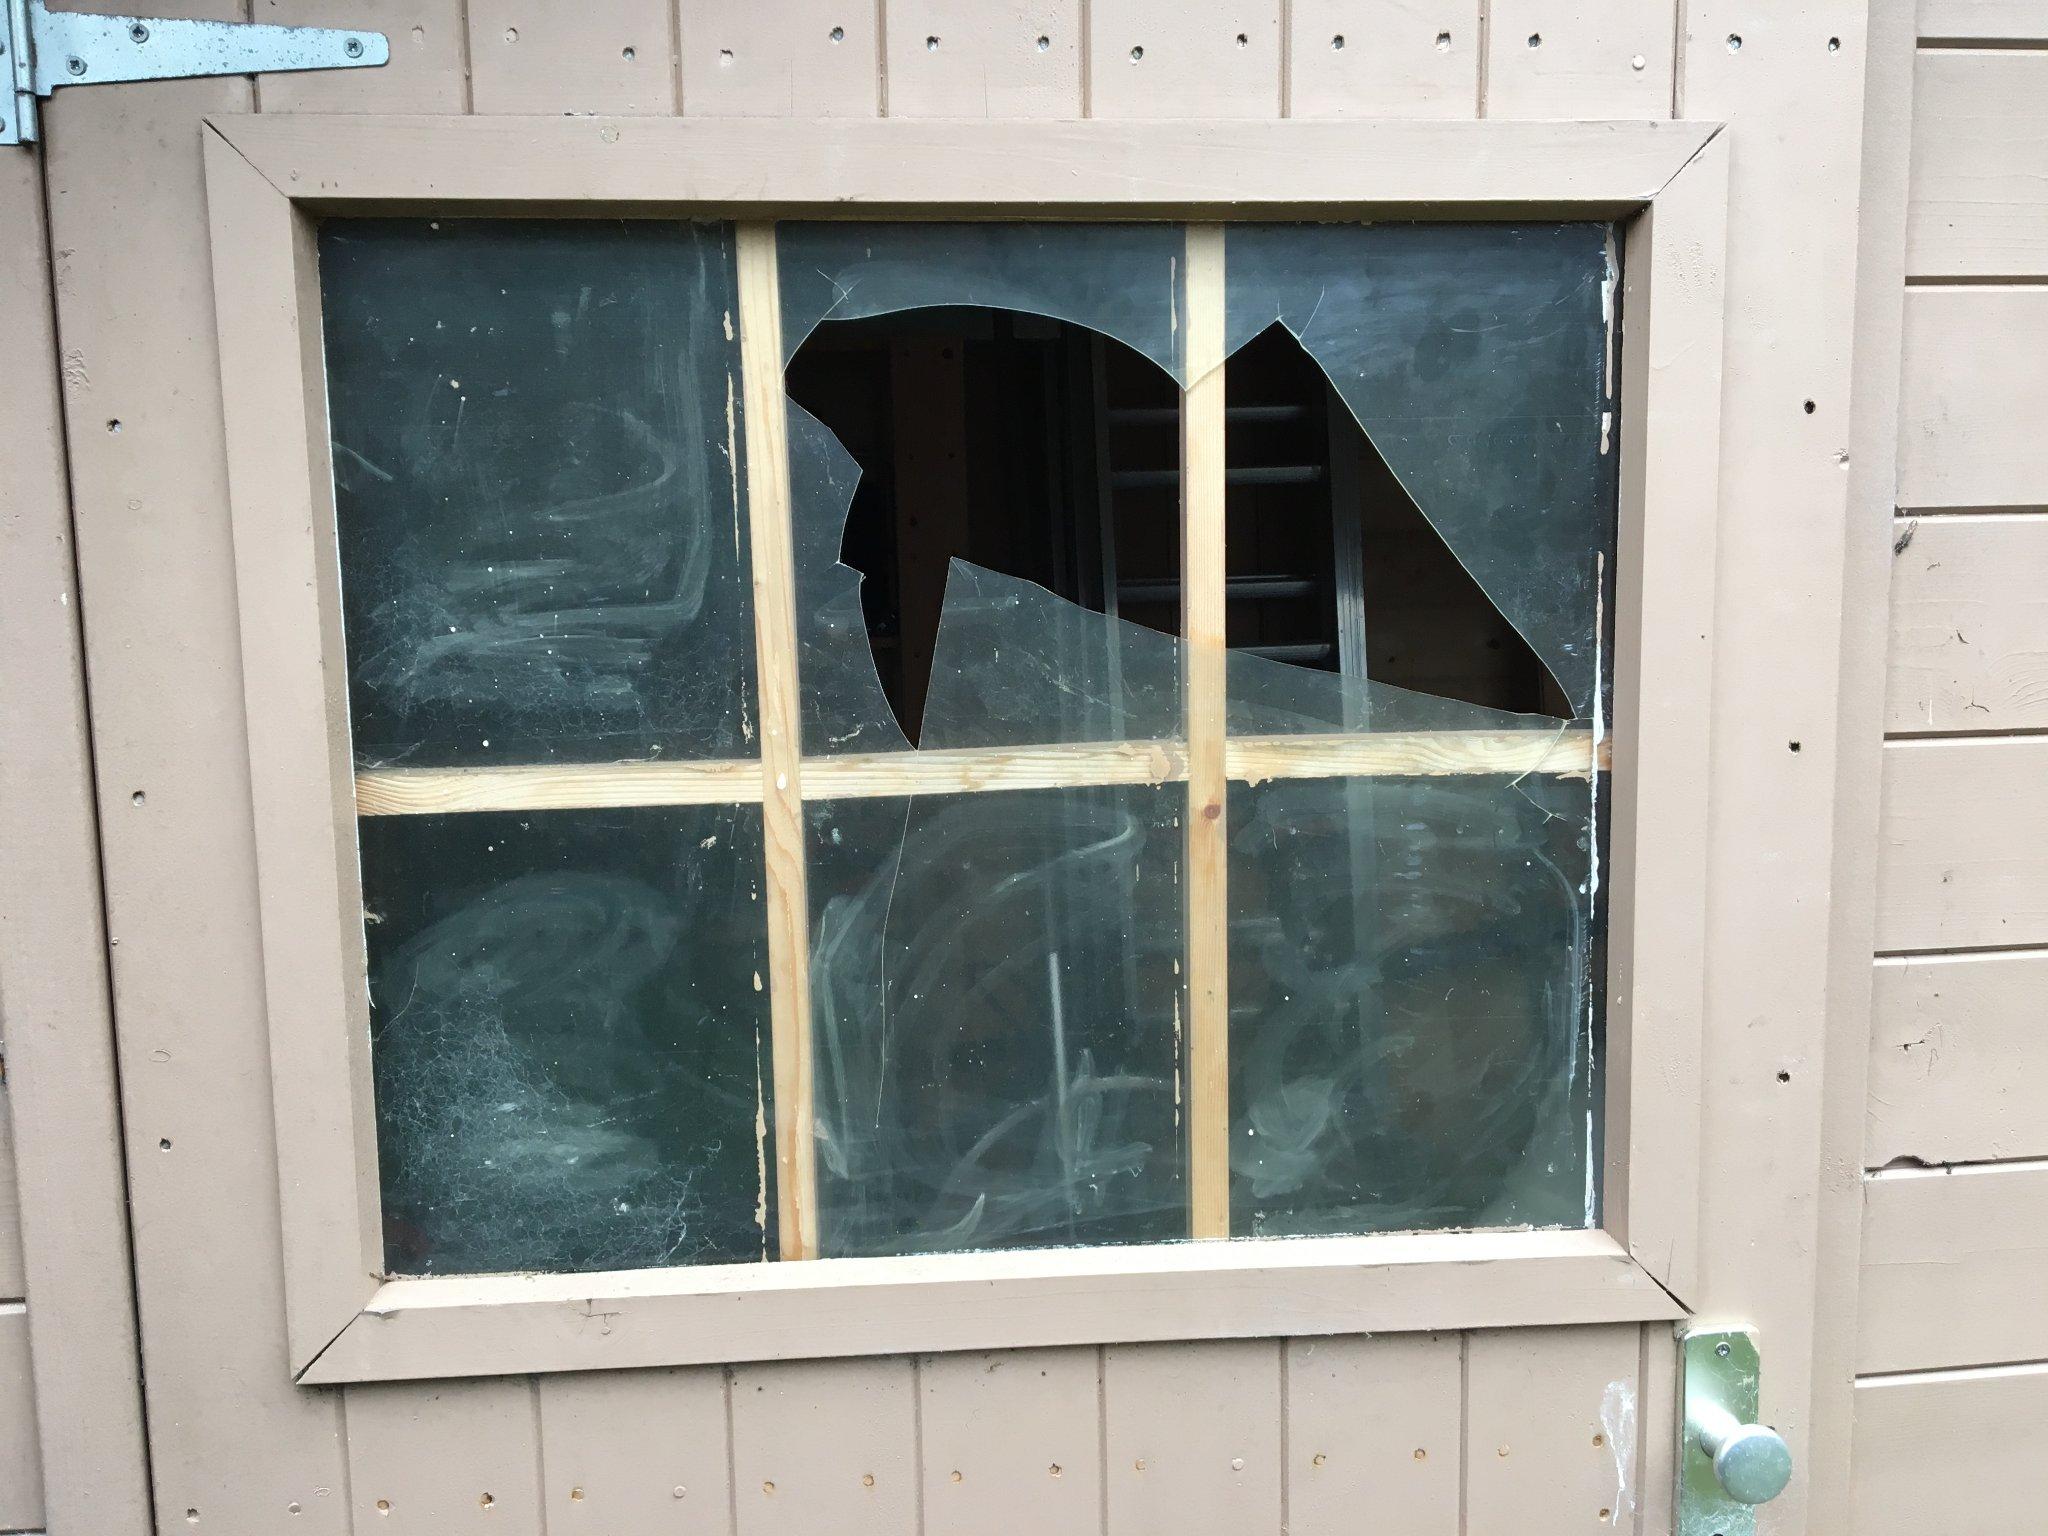 Fonkelnieuw Vervangen raam tuinhuisje - Werkspot XG-48